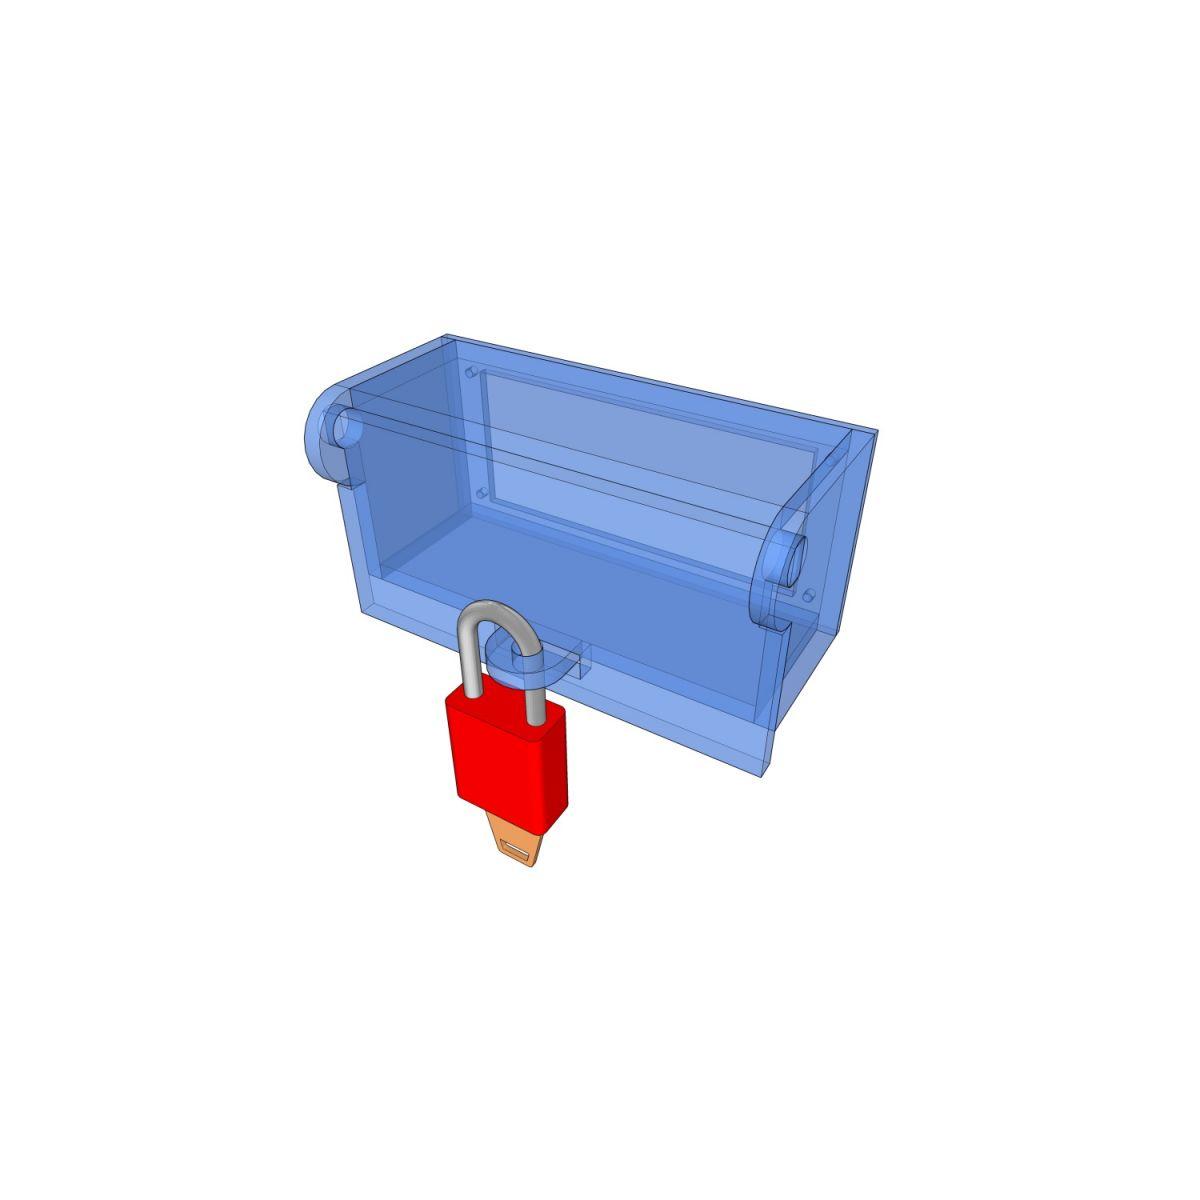 Postes de cadenassage en polycarbonate | BLC-BOR-OUV 2